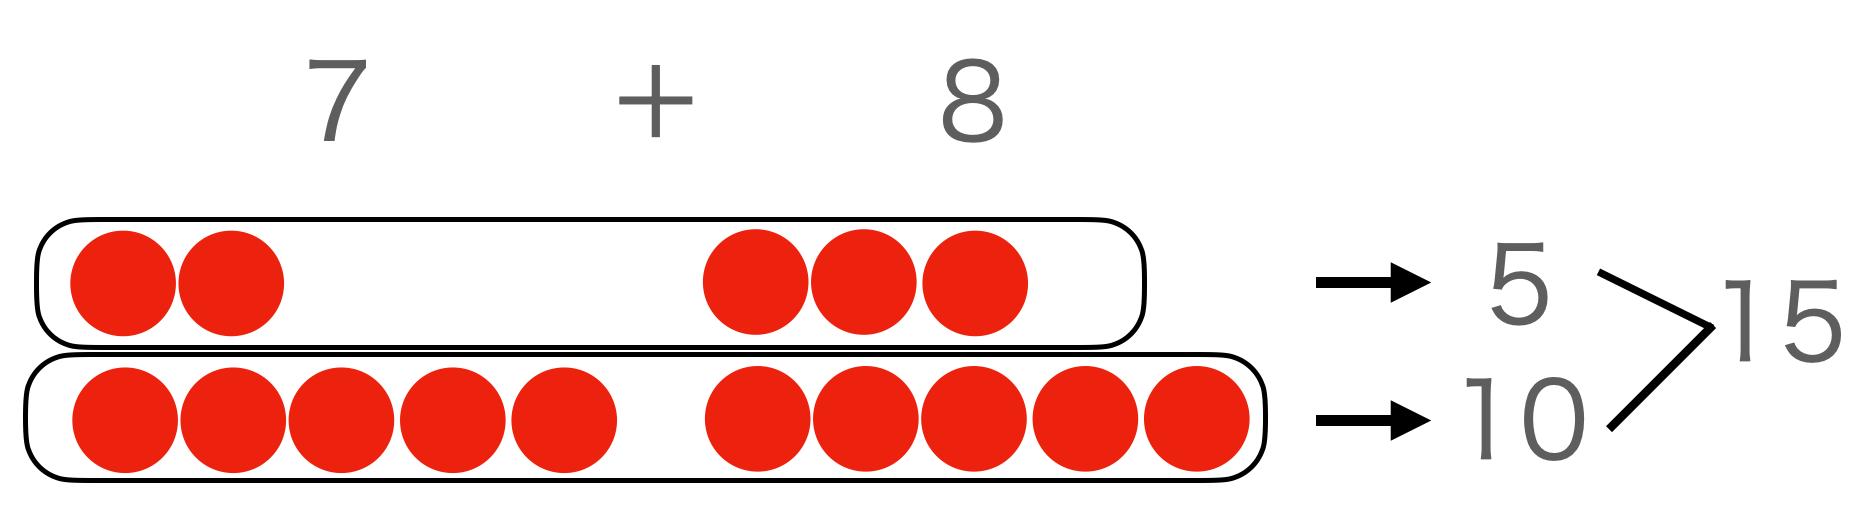 ピグマリオン数の理解